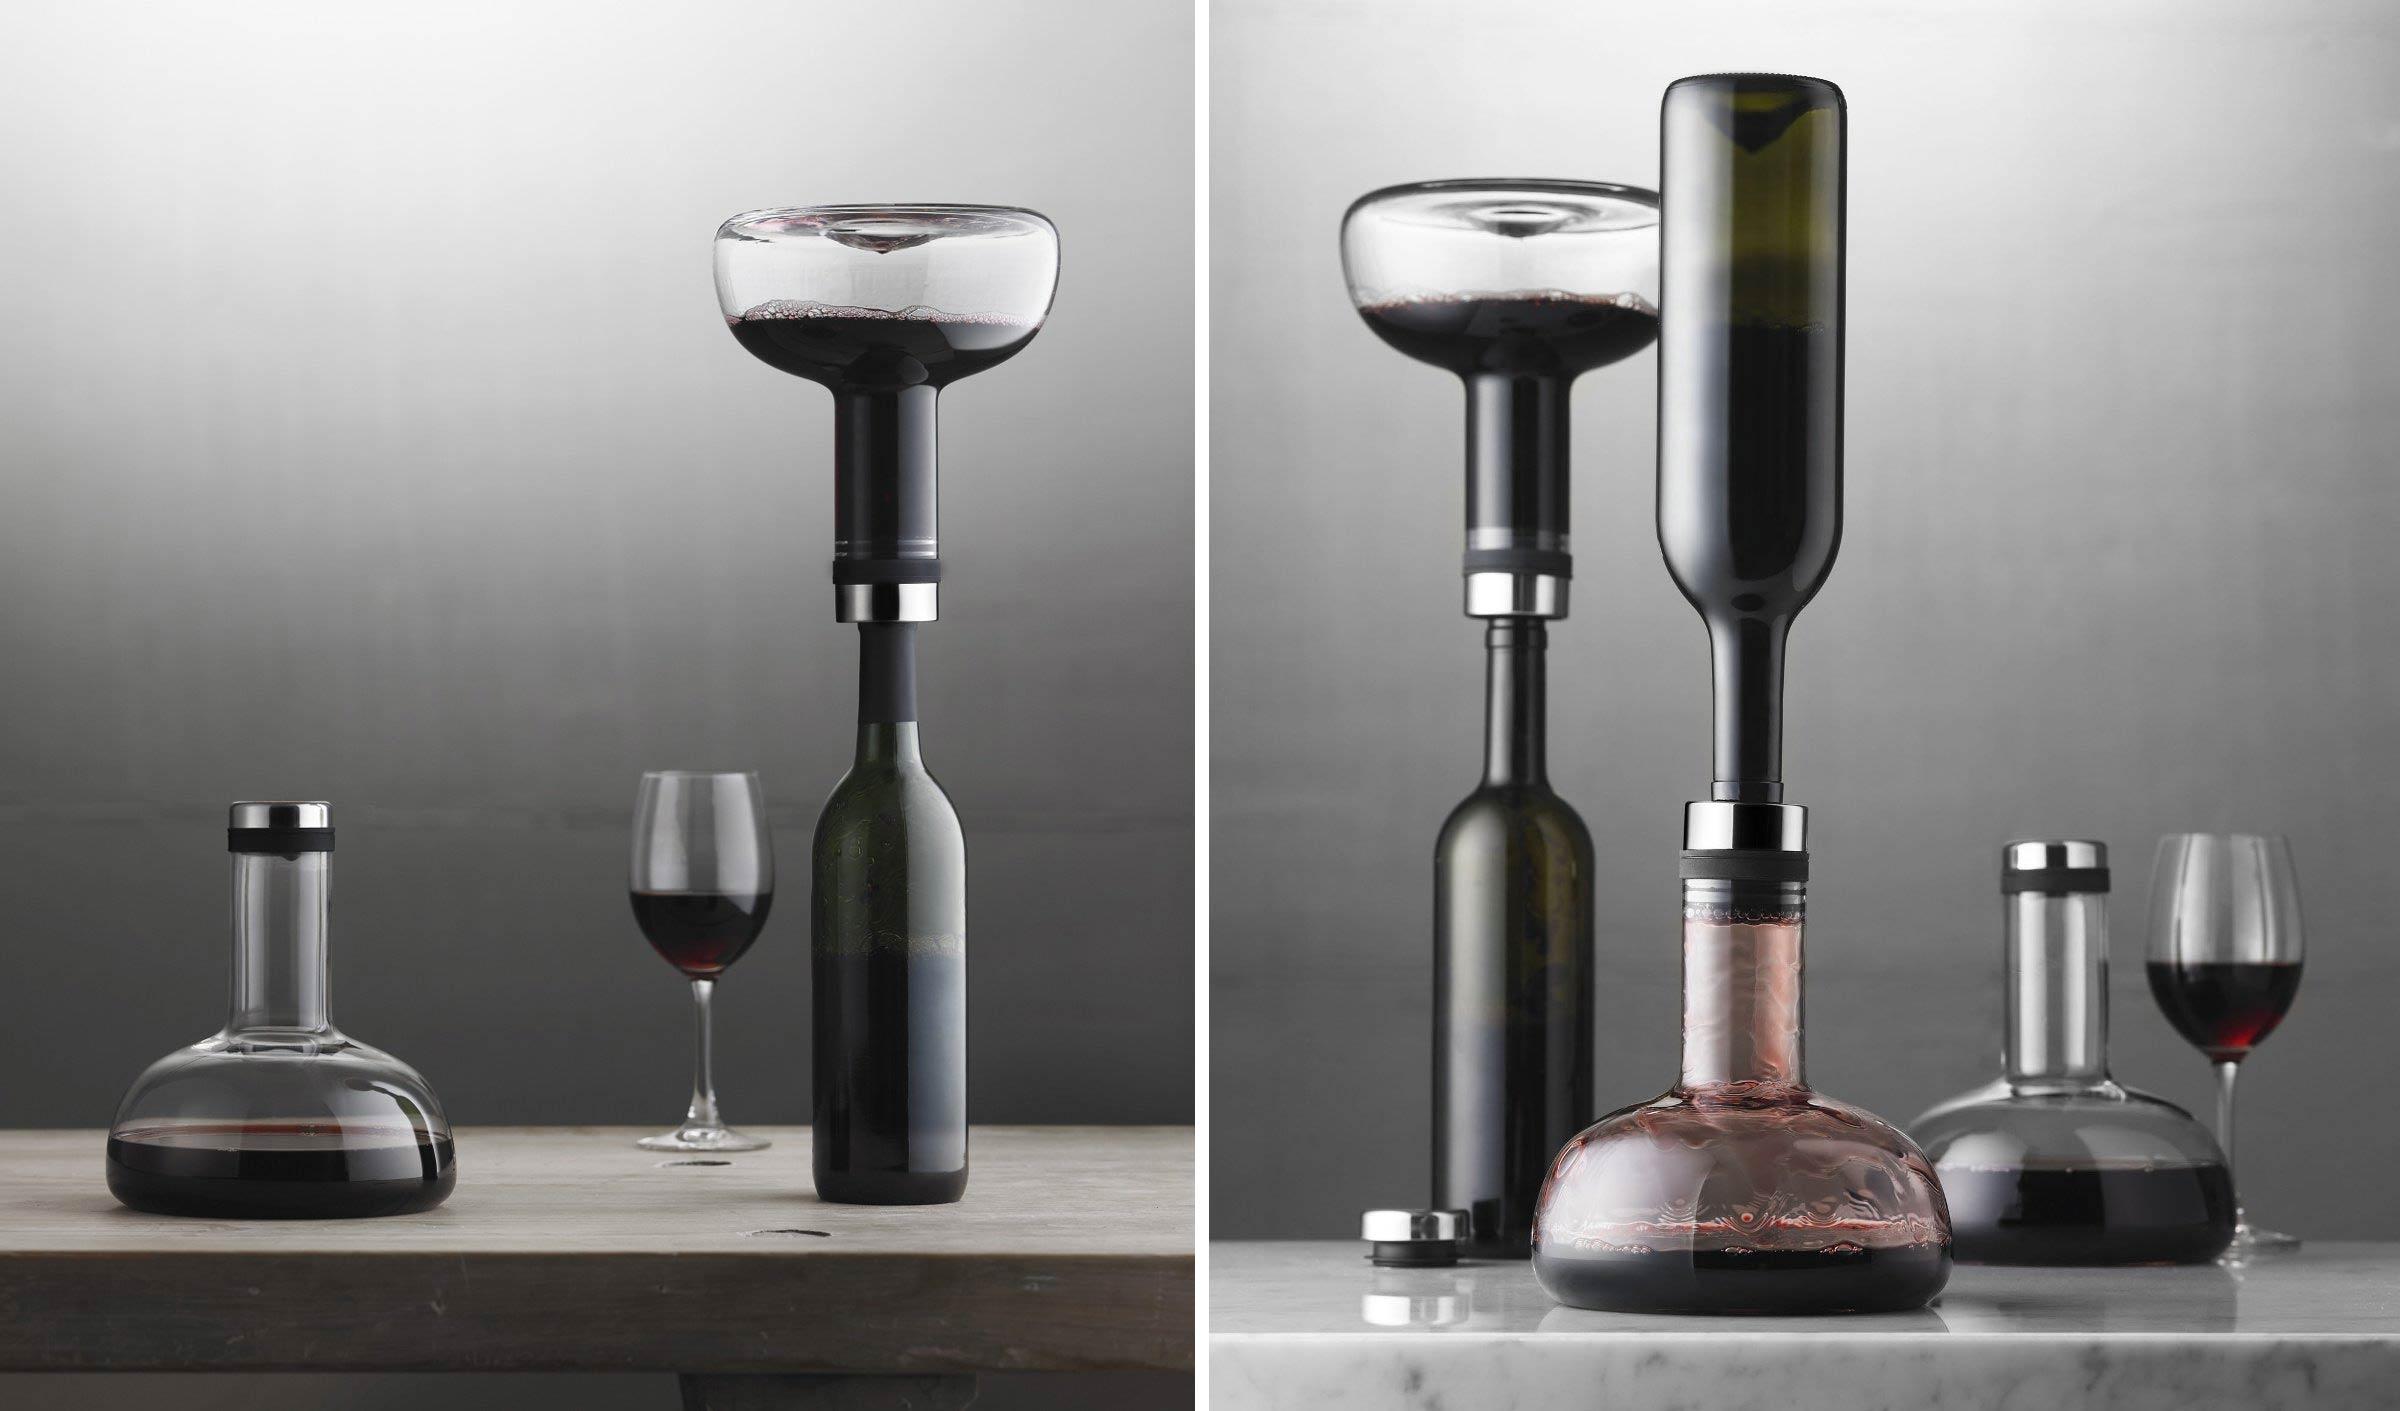 Wein Dekanter cocktail gläser menu weindekantier karaffe perfekter rotwein